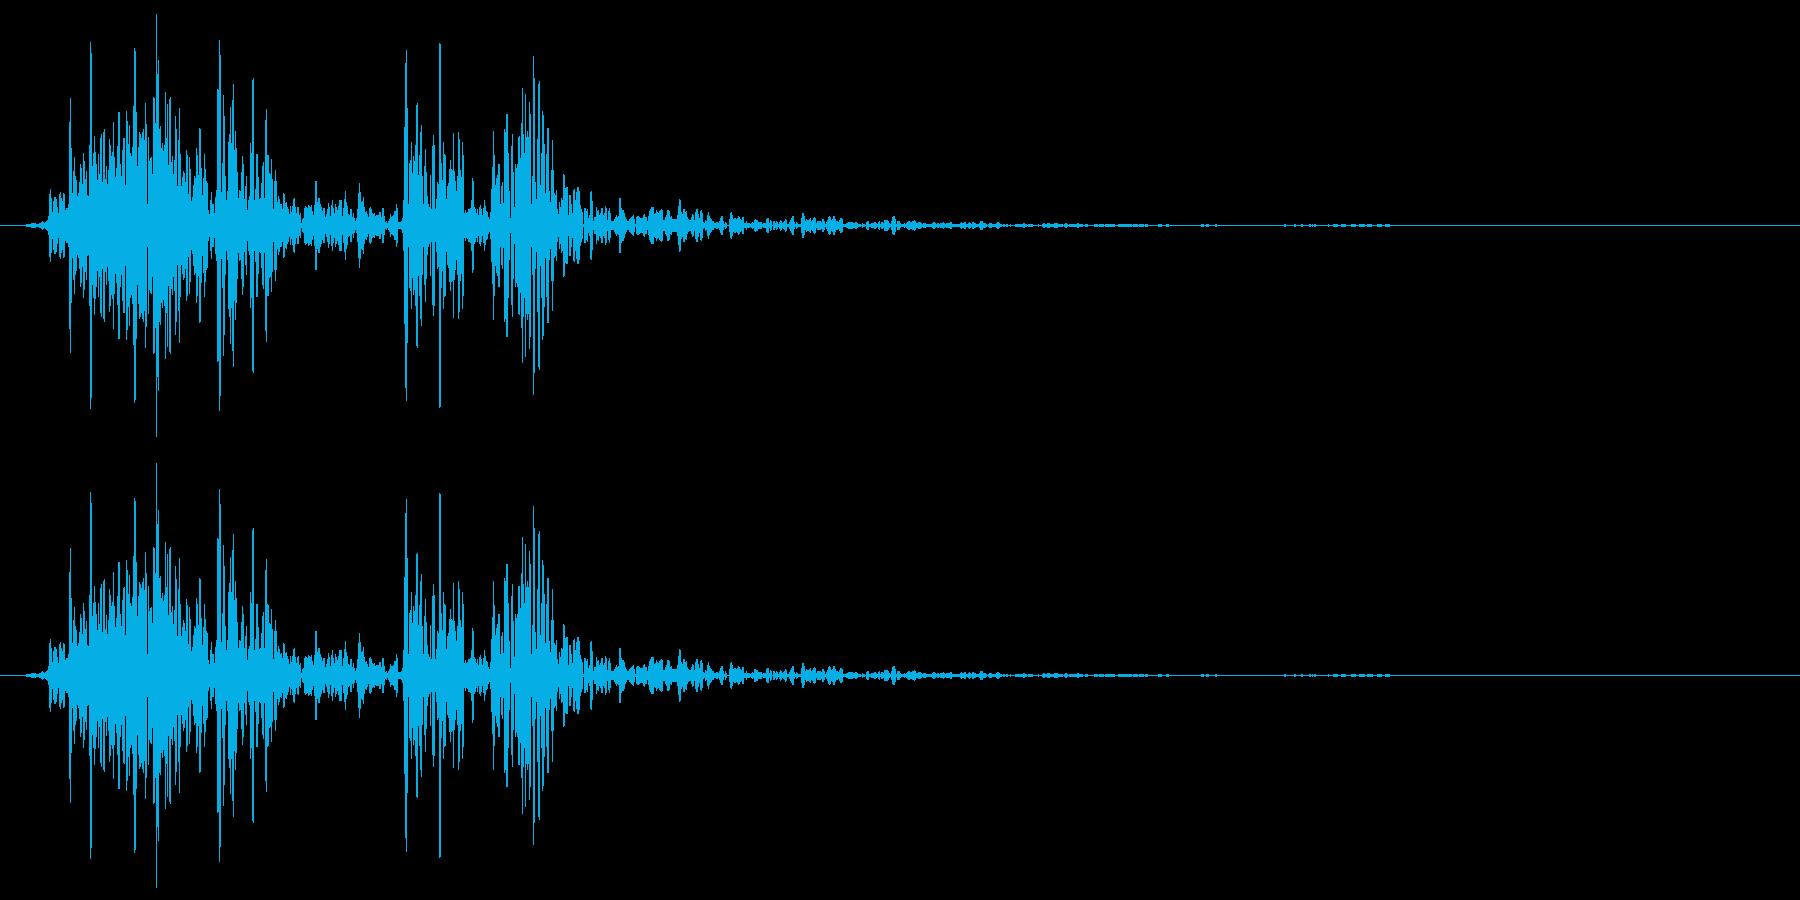 床がきしむ(軋む) ヘコッの再生済みの波形